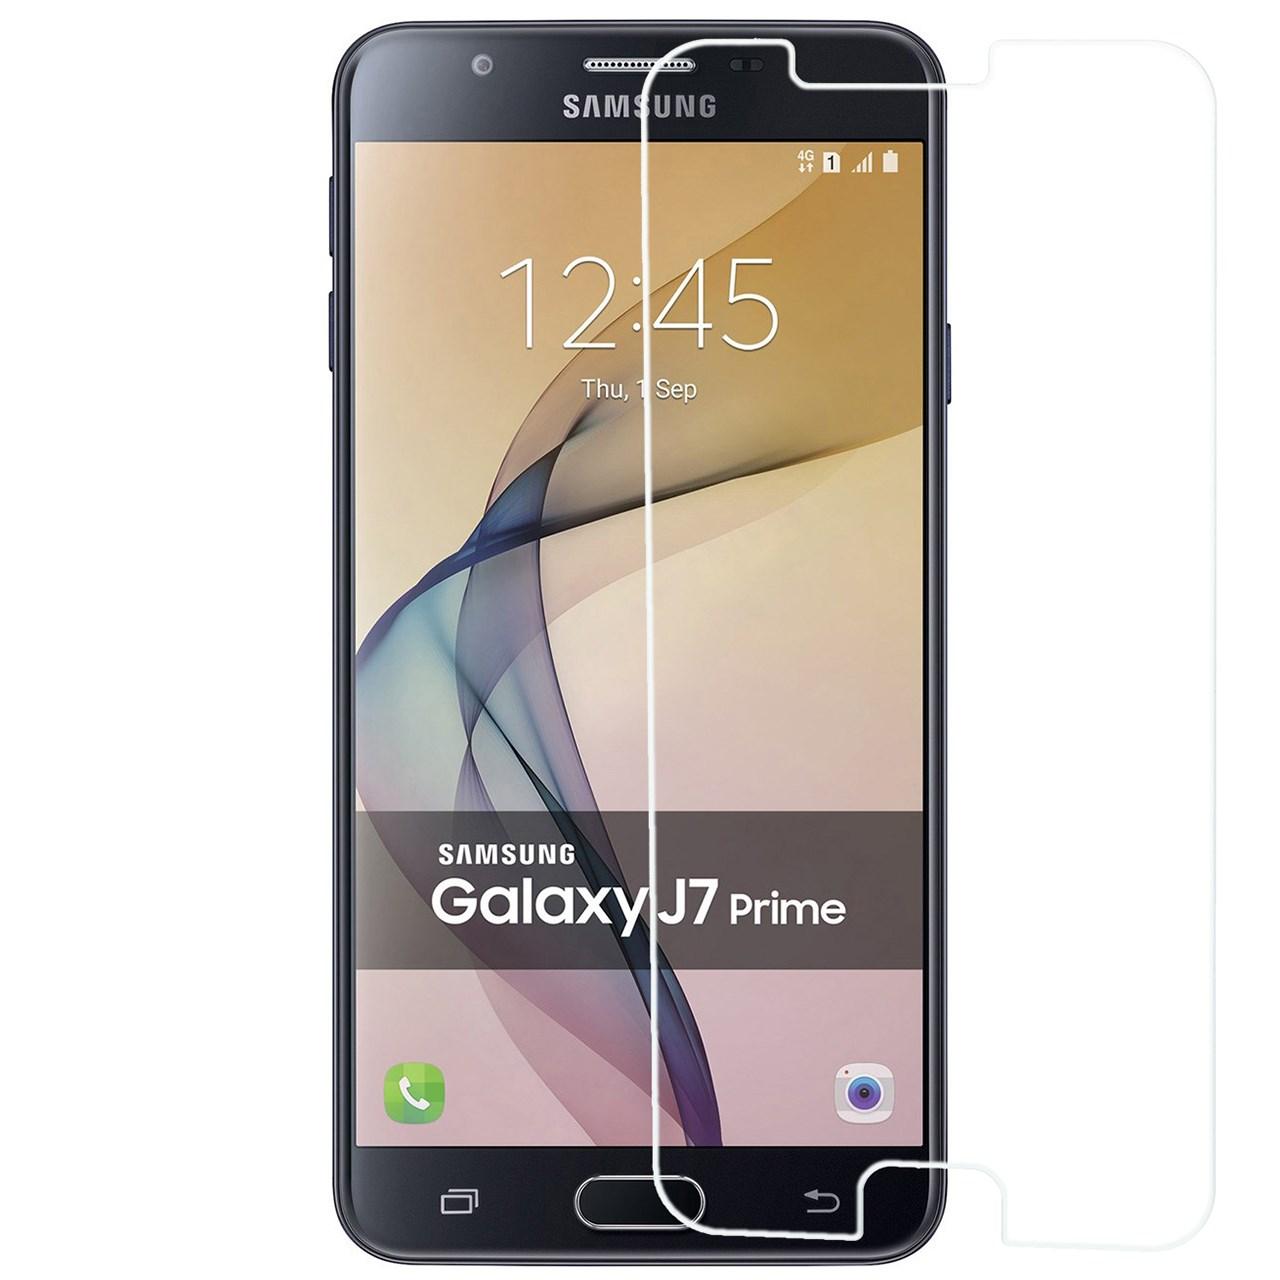 محافظ صفحه نمایش شیشه ای ریمکس مدل Tempered مناسب برای گوشی موبایل سامسونگ Galaxy J7 Prime              ( قیمت و خرید)